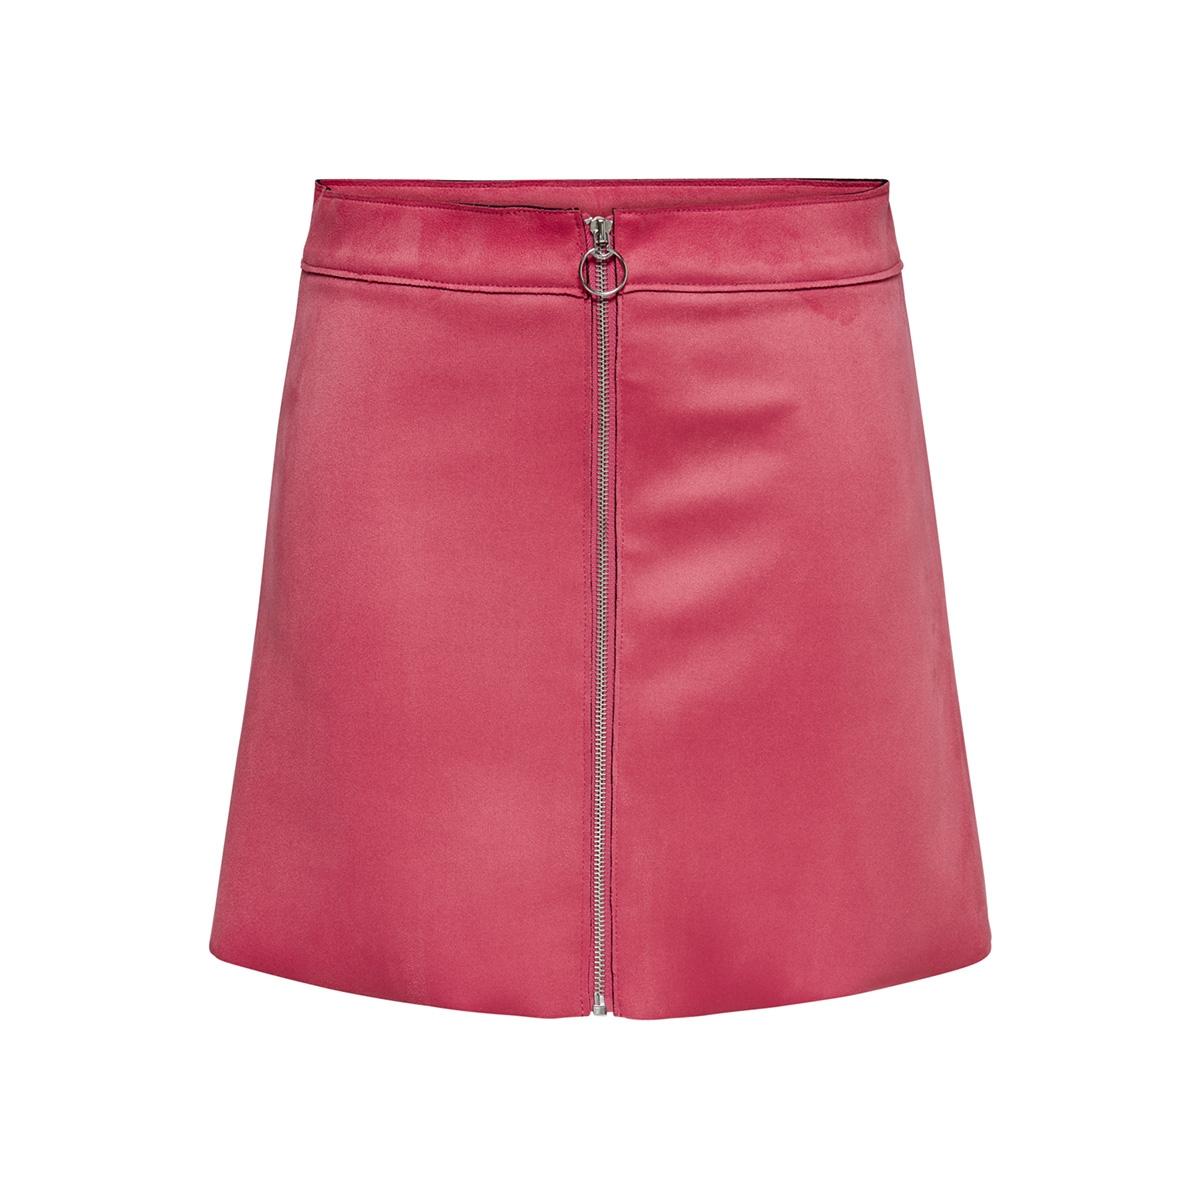 774e57cf2df494 onlnew ea faux suede bonded skirt o 15171351 only rok geranium